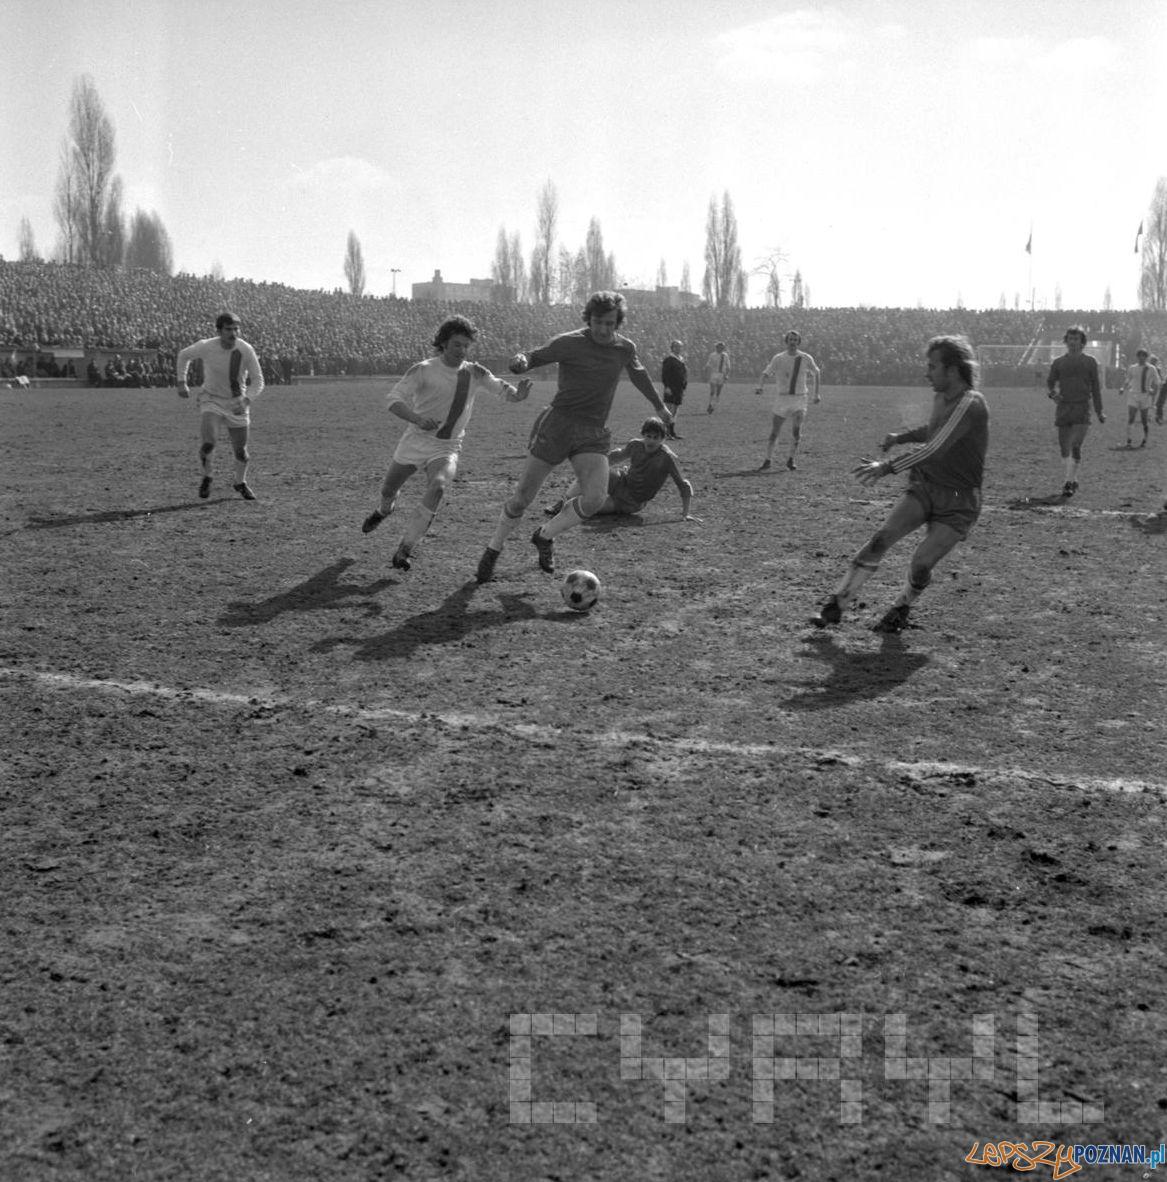 Debiec stadion Lech Poznan Stal Mielec 12.03.1978 S.Wiktor Cyryl (6)  Foto: Stanisław Wiktor / Cyryl